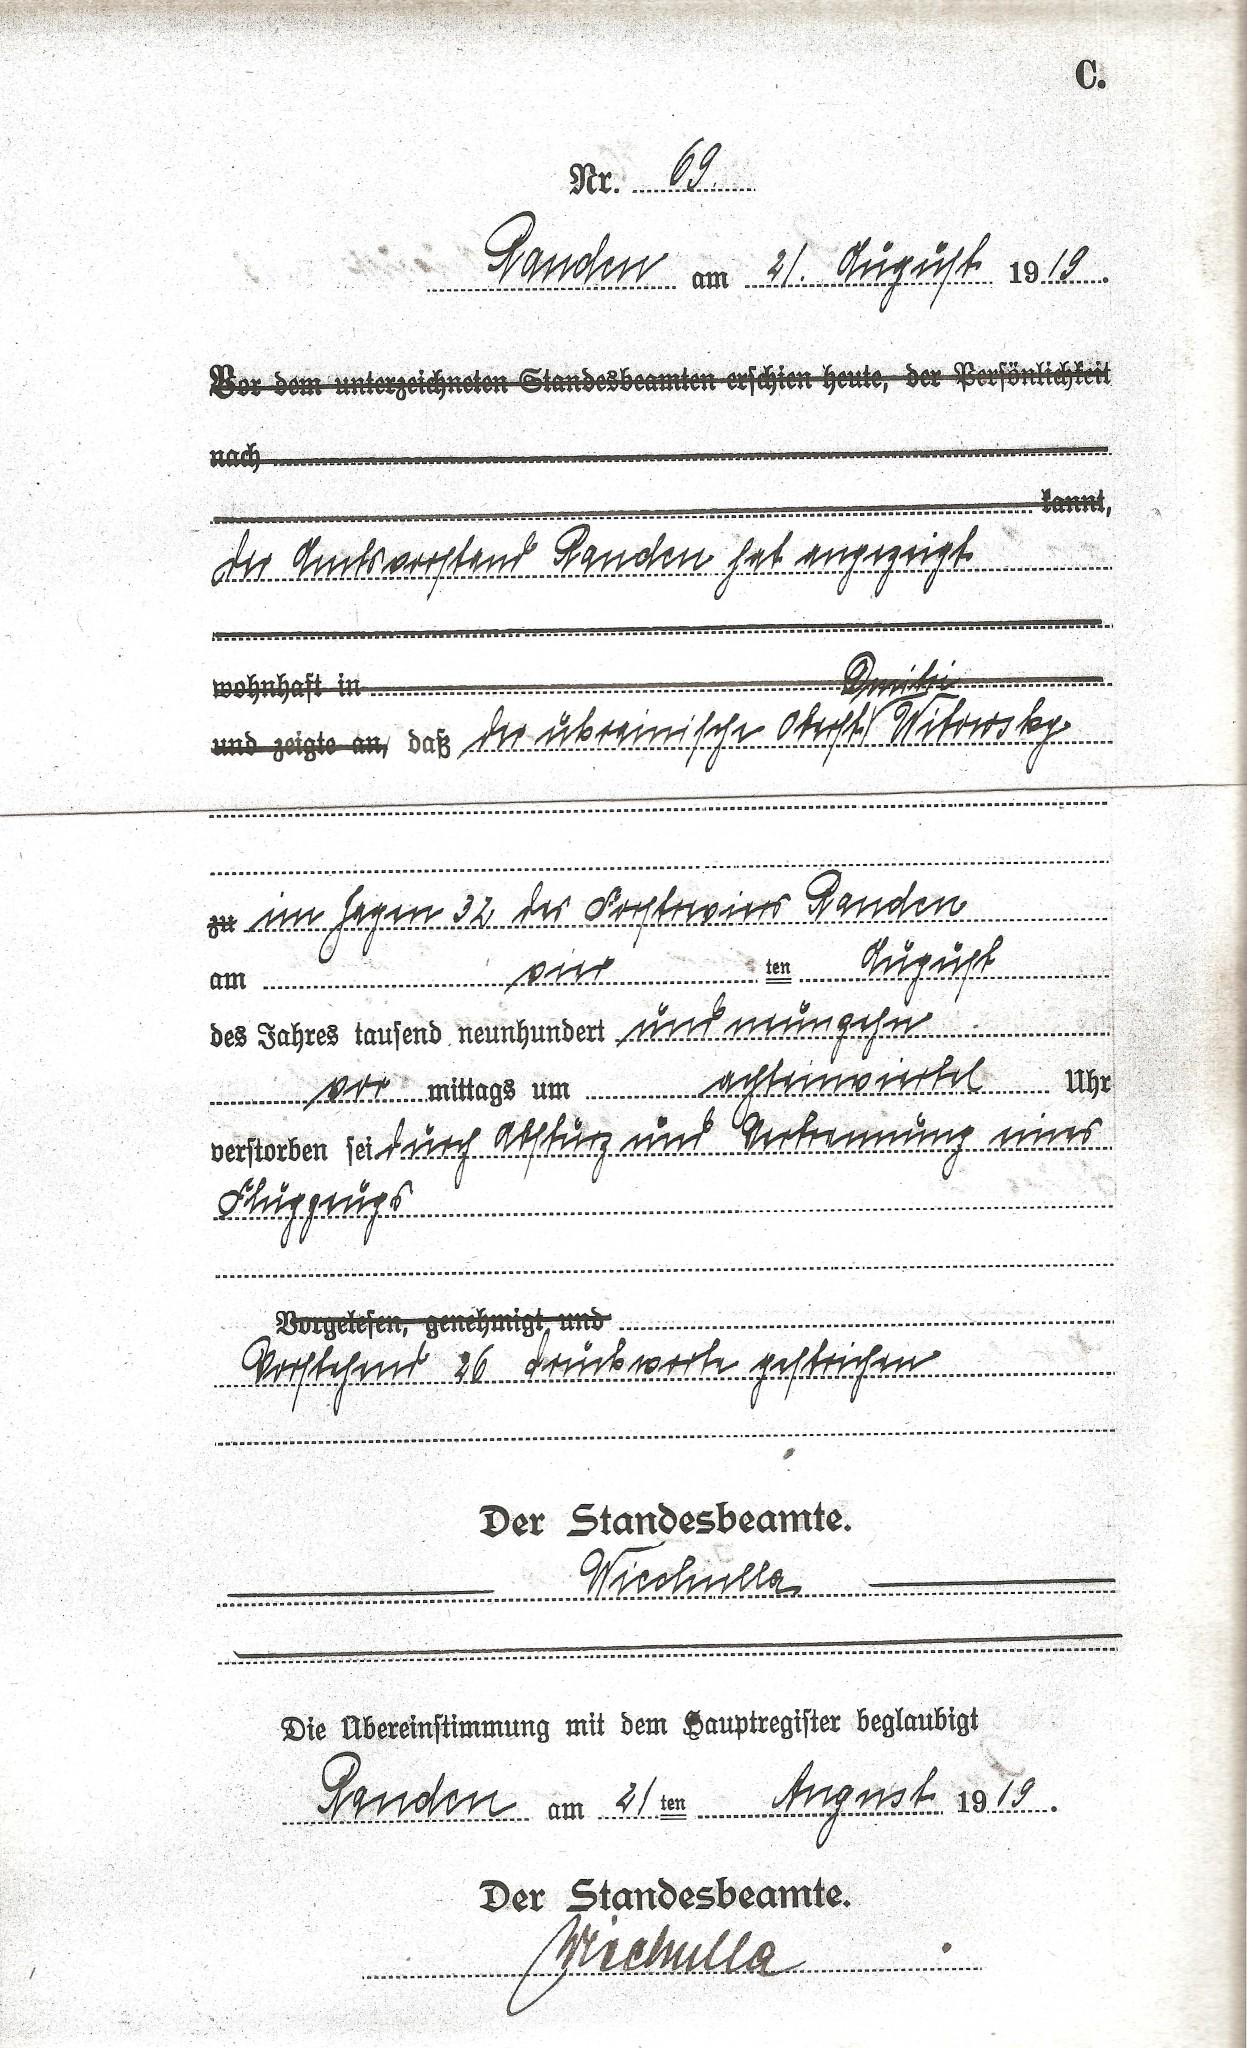 """Kopia aktu zgonu Dmitro Witowskiego wydanego 21 sierpnia 1919 r. Podana data i godzina śmierć to 4 sierpnia 1919 roku """"im Segen 32 der Forstrevier Rauden am vierten August des Jahres 1919 vormitags um achteinviertel Uhr"""""""